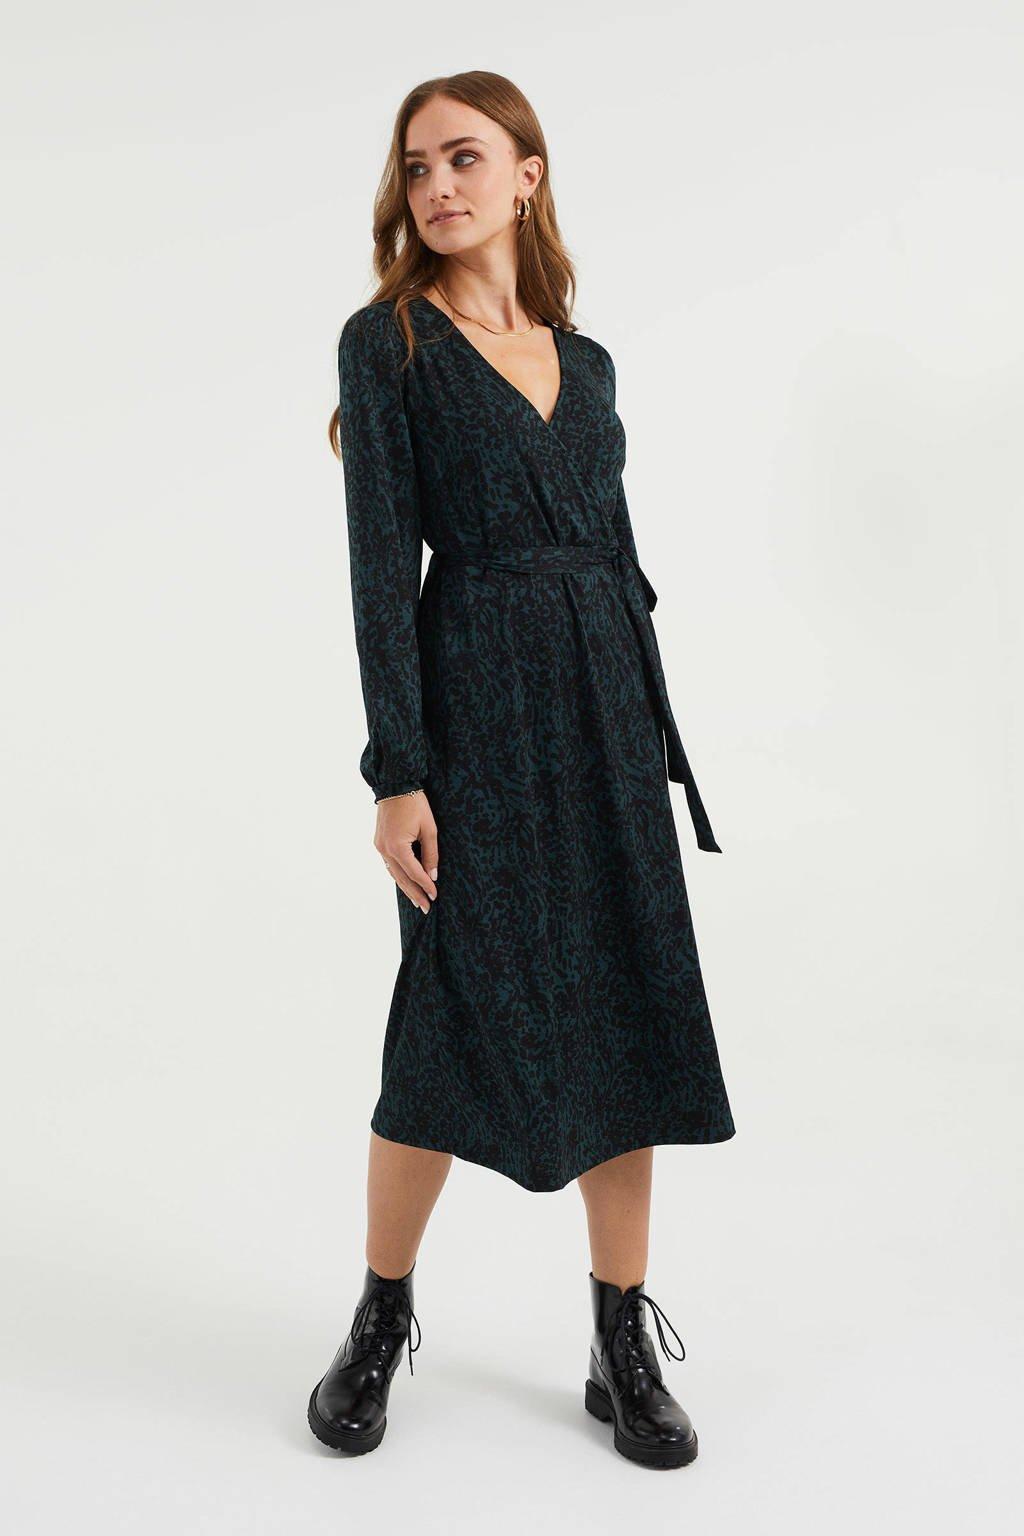 WE Fashion overslagjurk met all over print en plooien donkergroen/zwart, Donkergroen/zwart